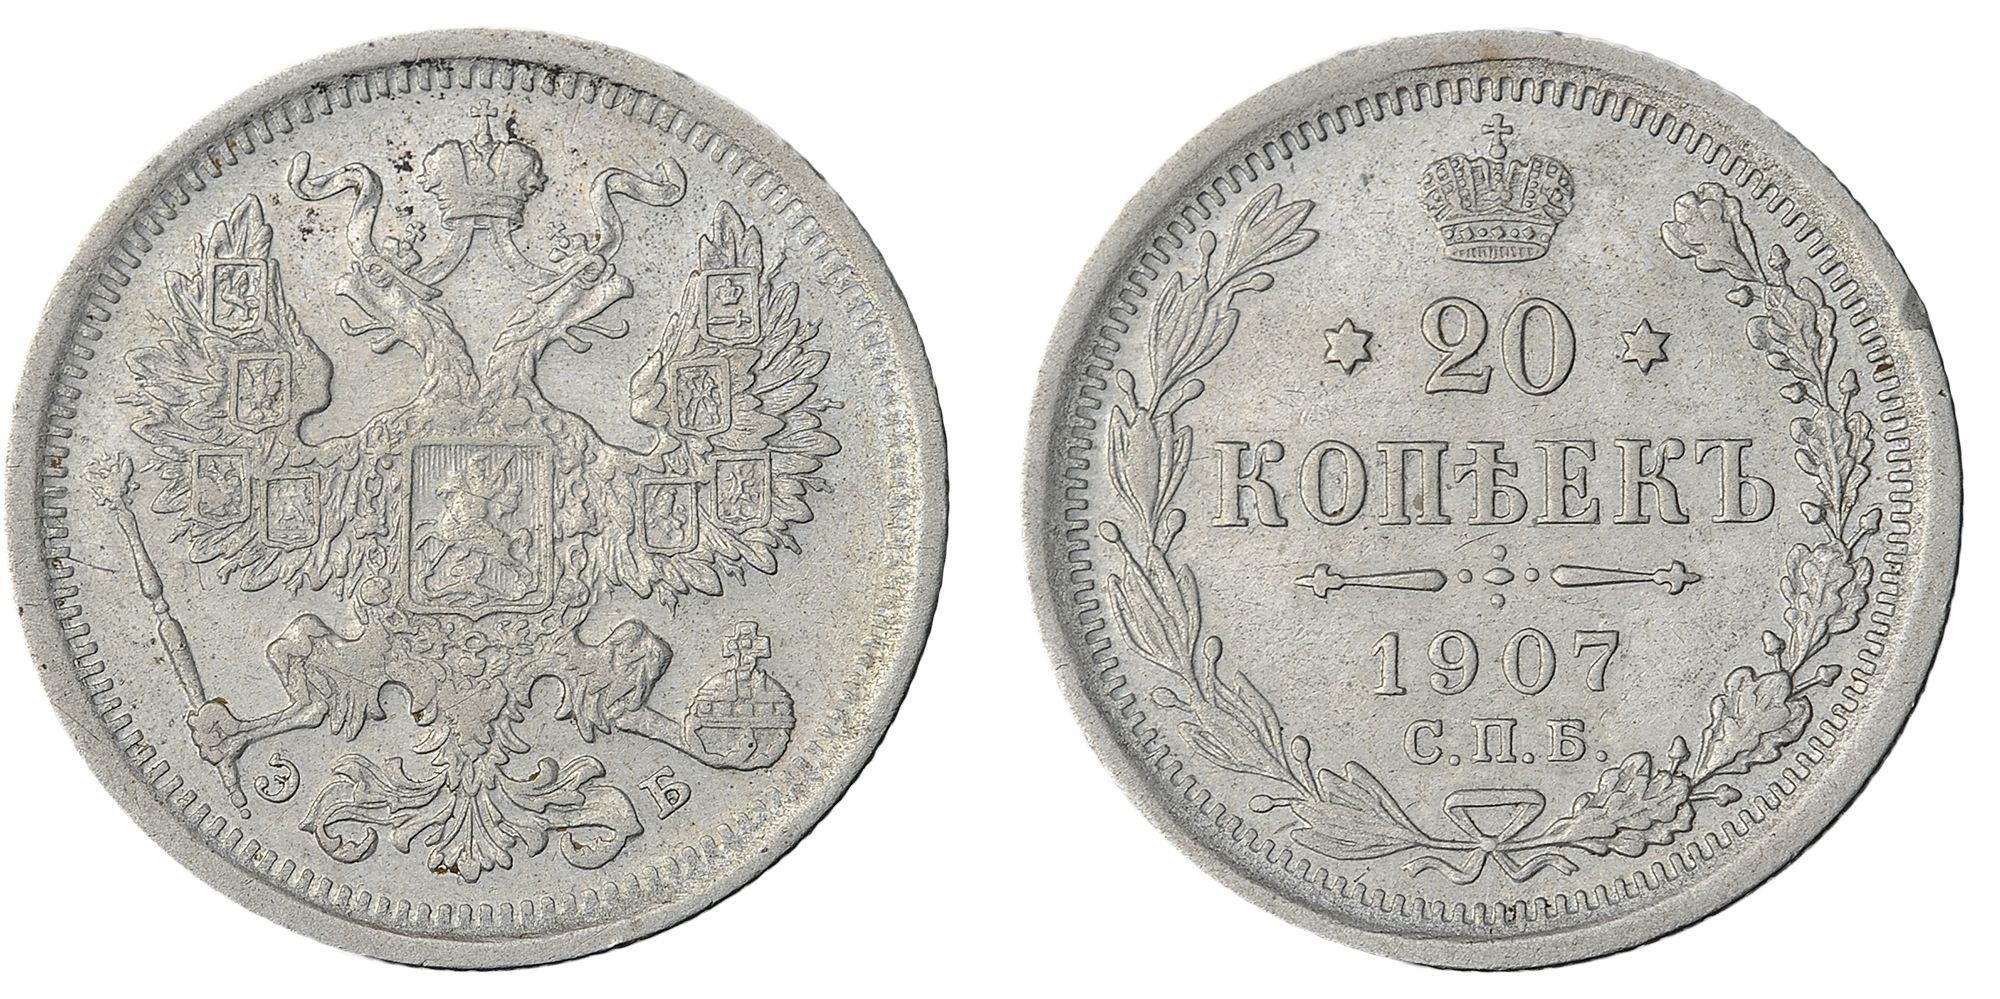 Нумизматические аукционы россии онлайн монета с изображением пушкина